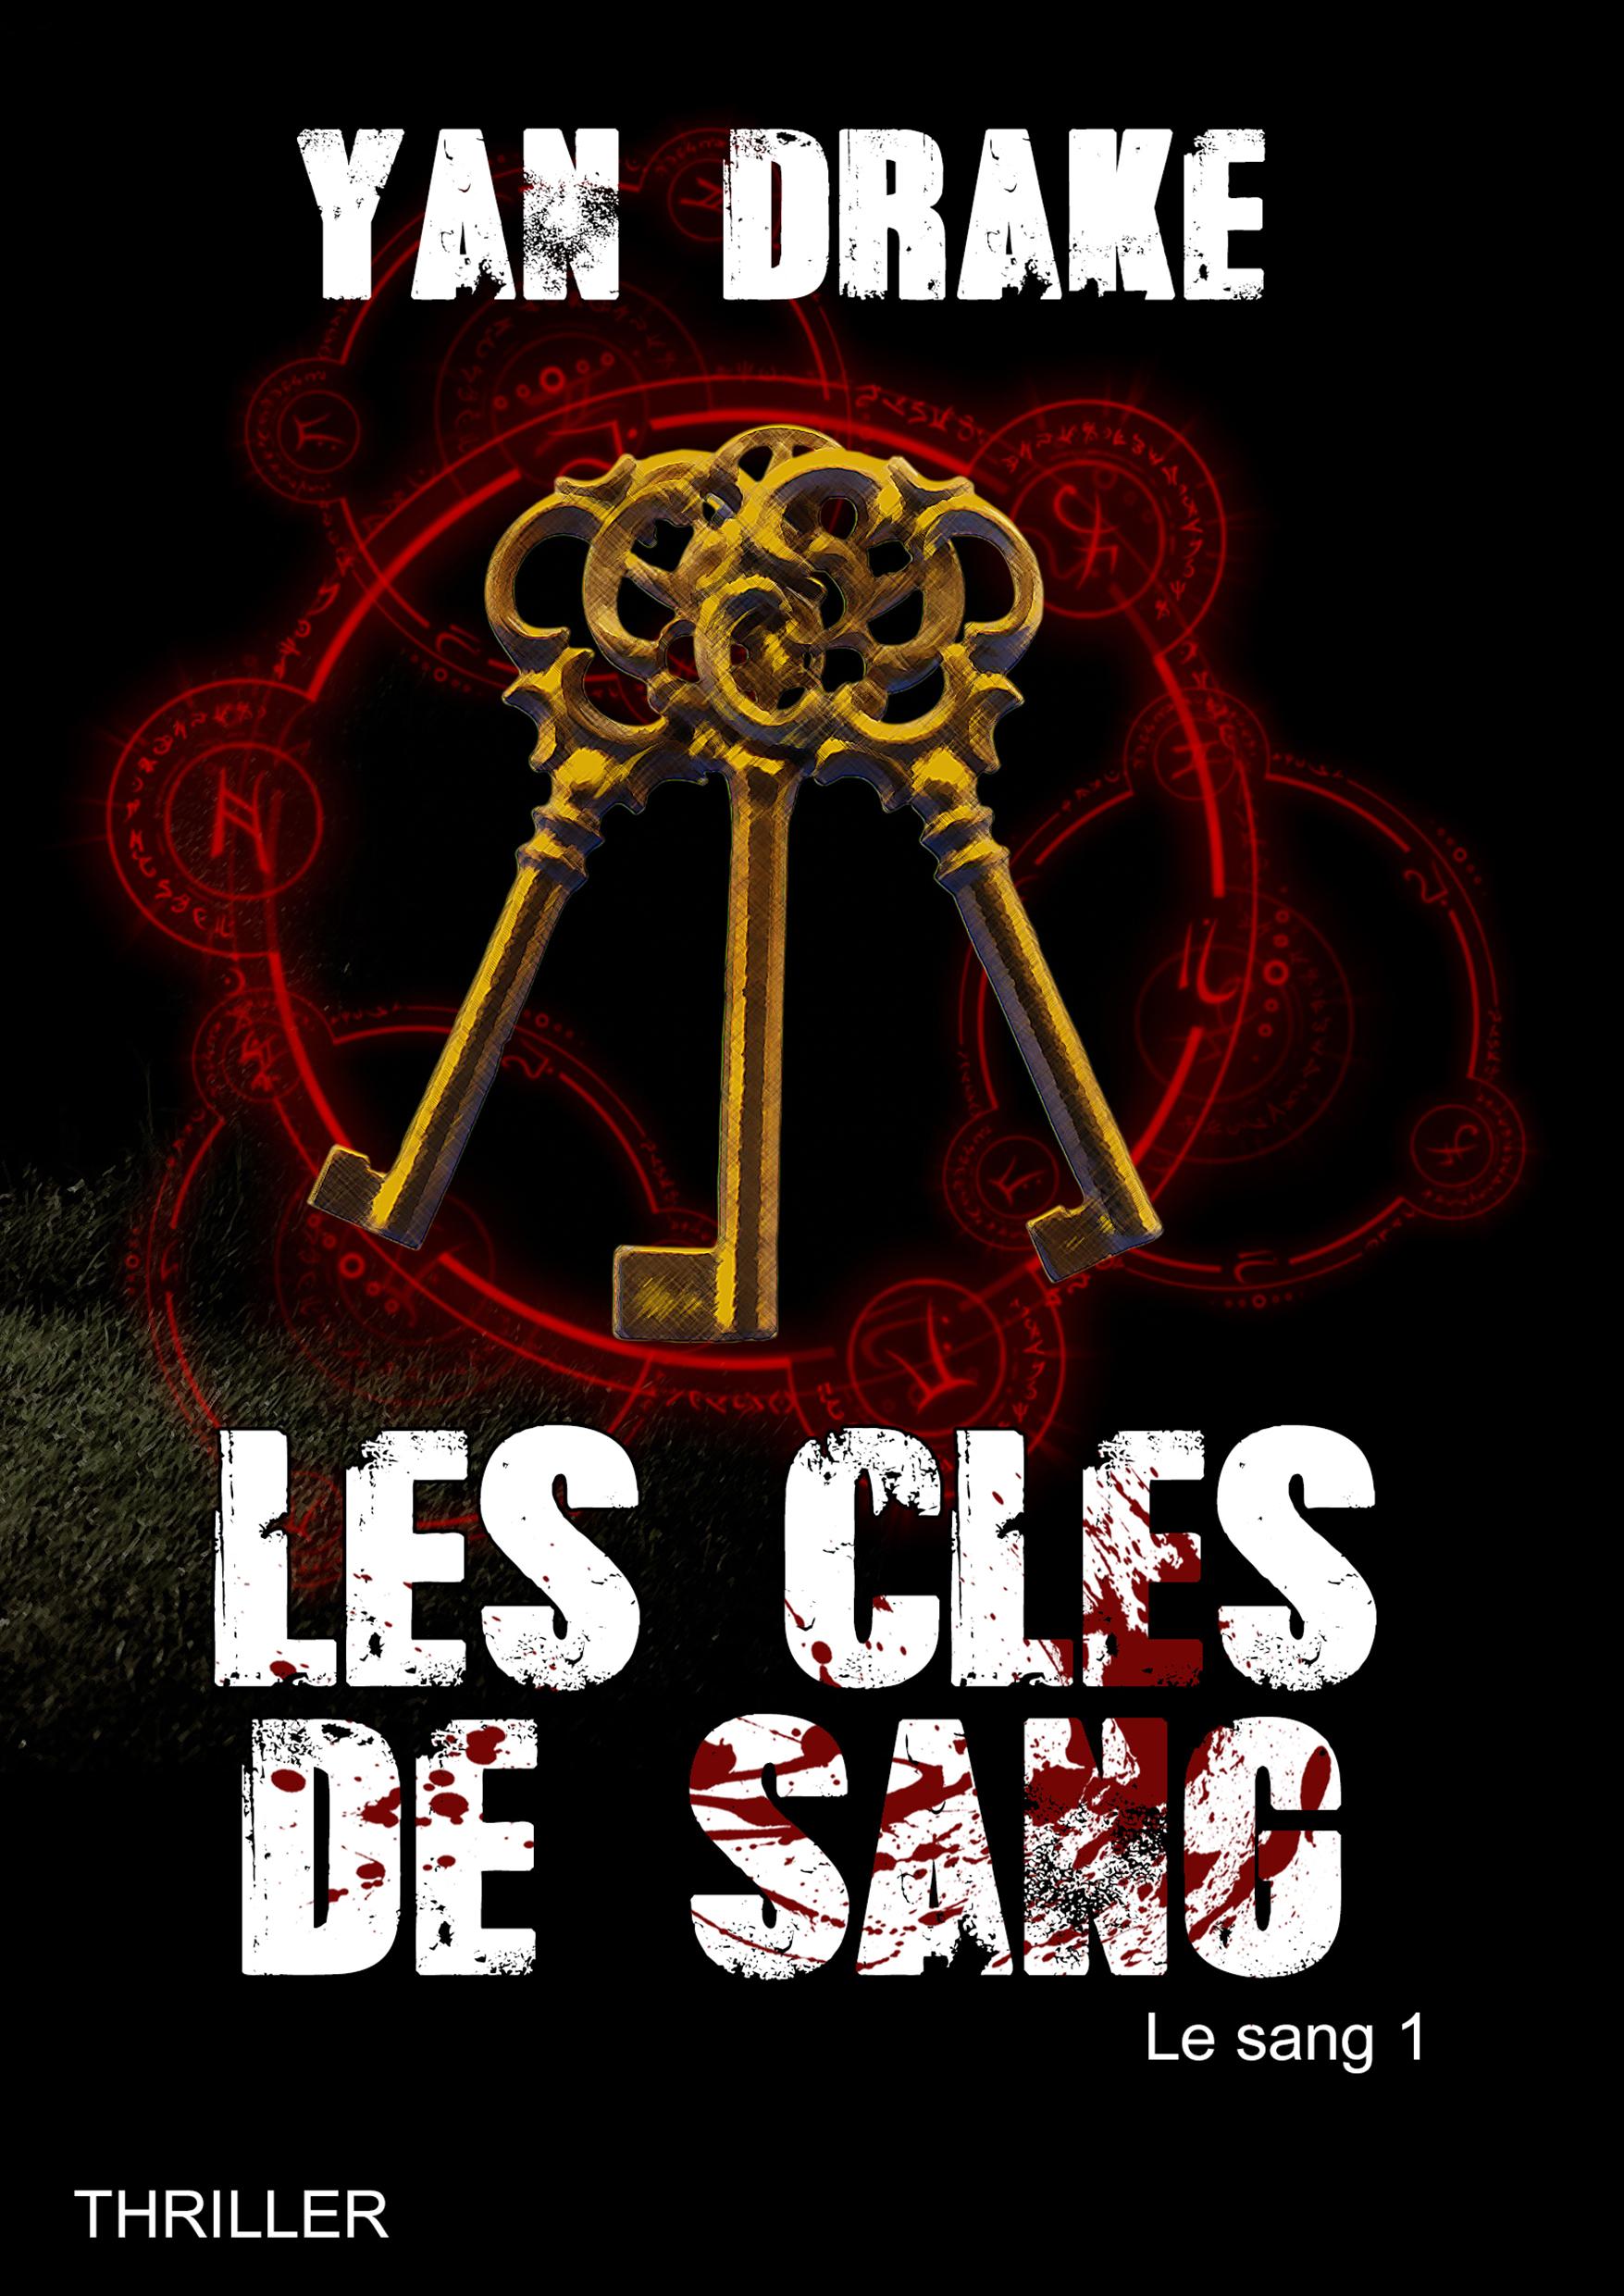 LES CLÉS DE SANG